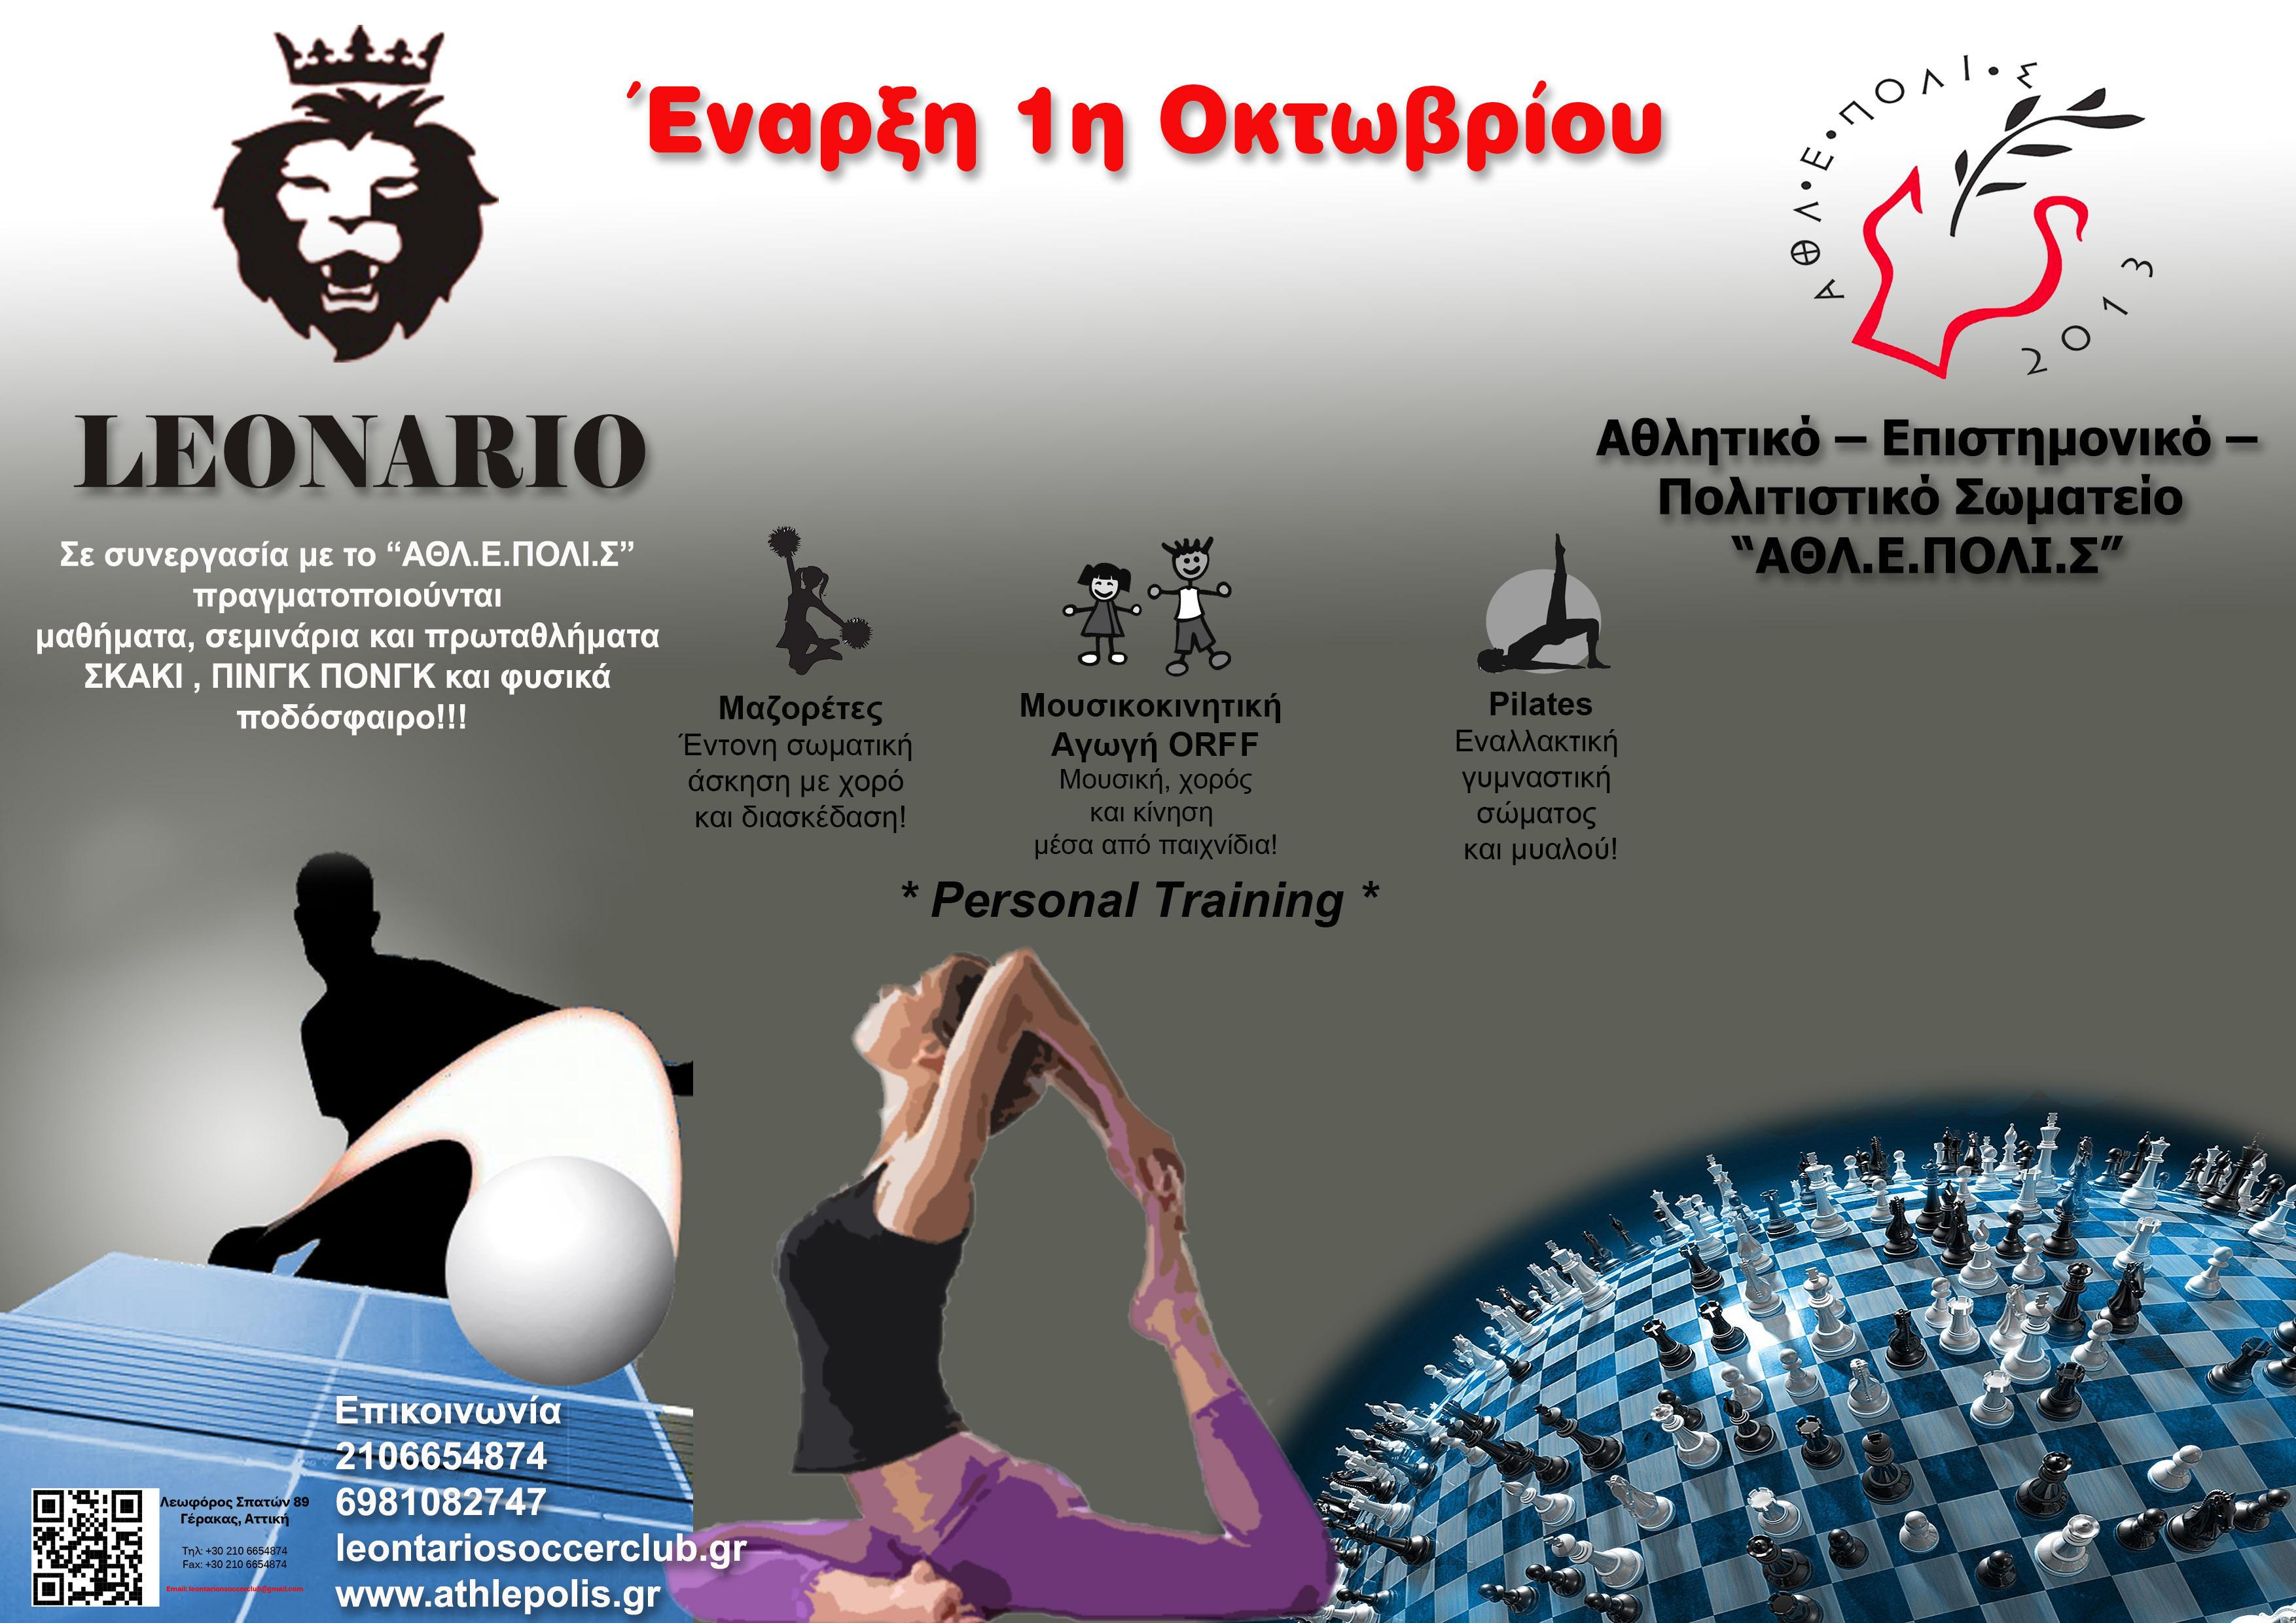 Οι νέες δράσεις από το Σωματείο μας και το Leontario από 1 Οκτωβρίου